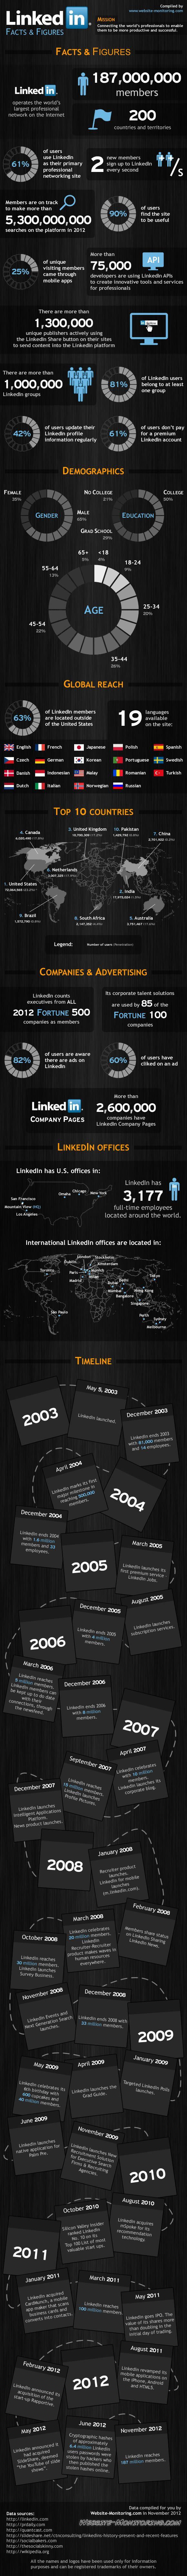 Les statistiques de LinkedIn en 2012